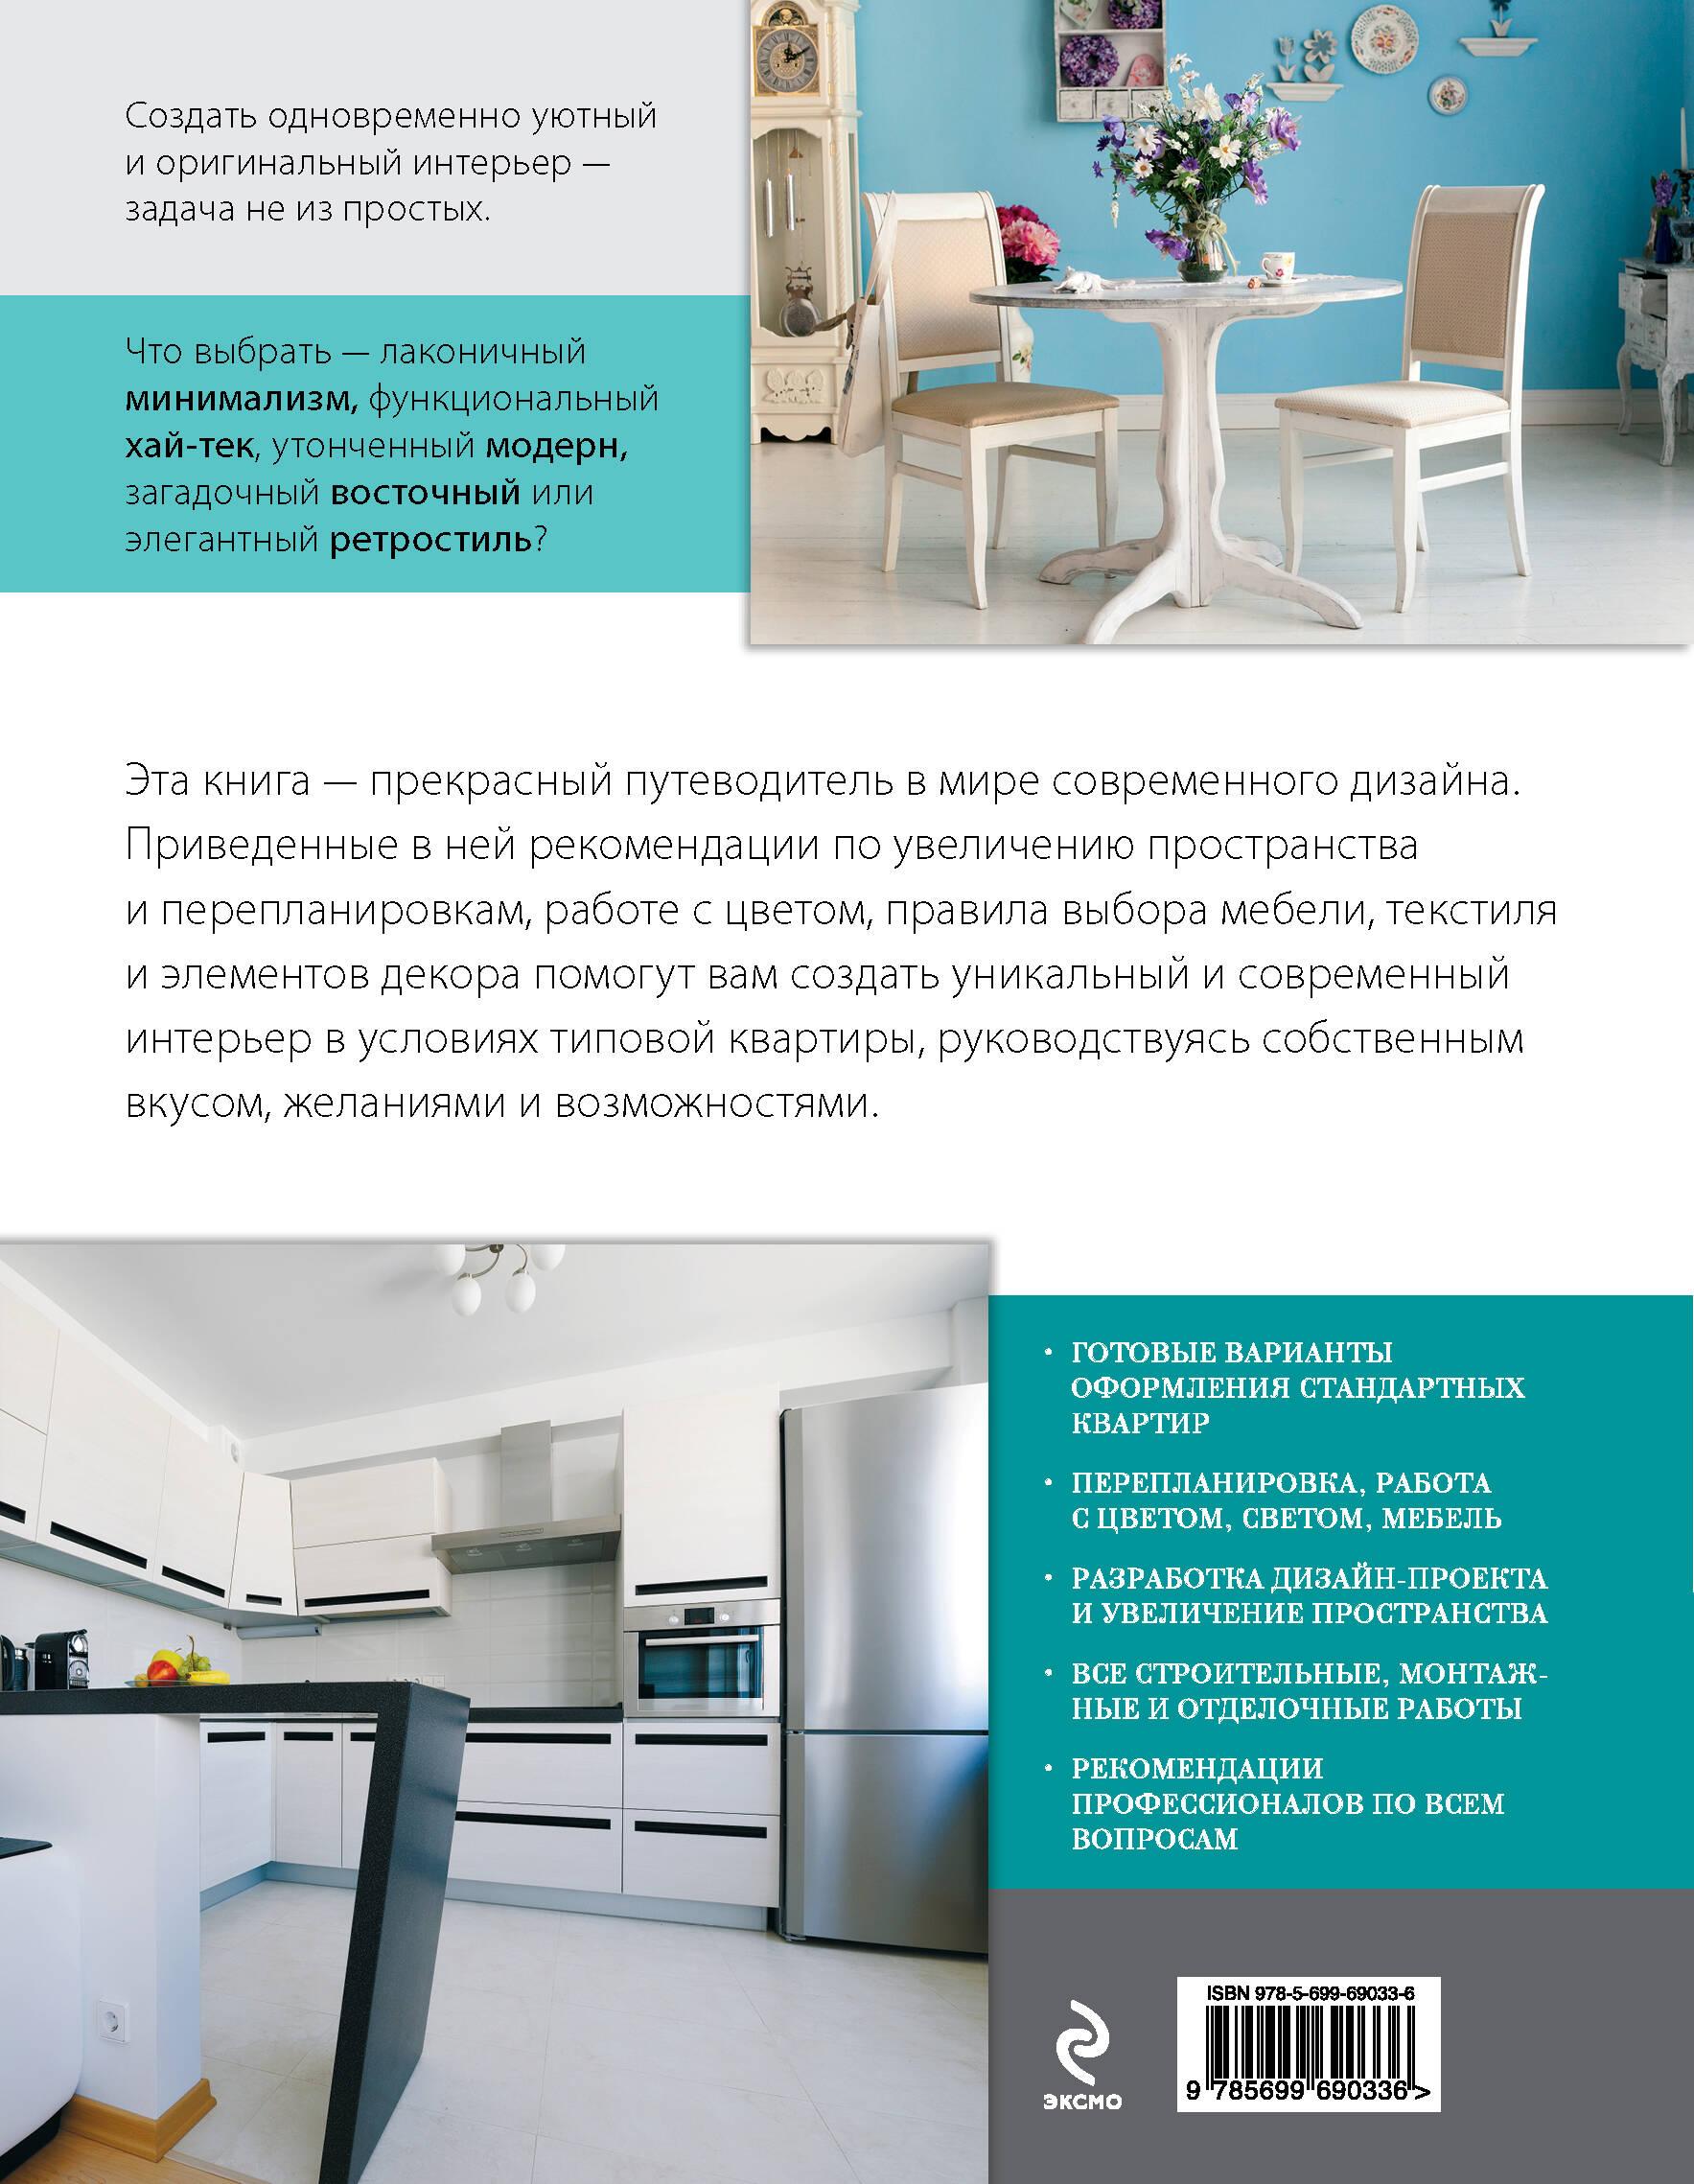 Варвара ахремко стили интерьера в дизайне типовых